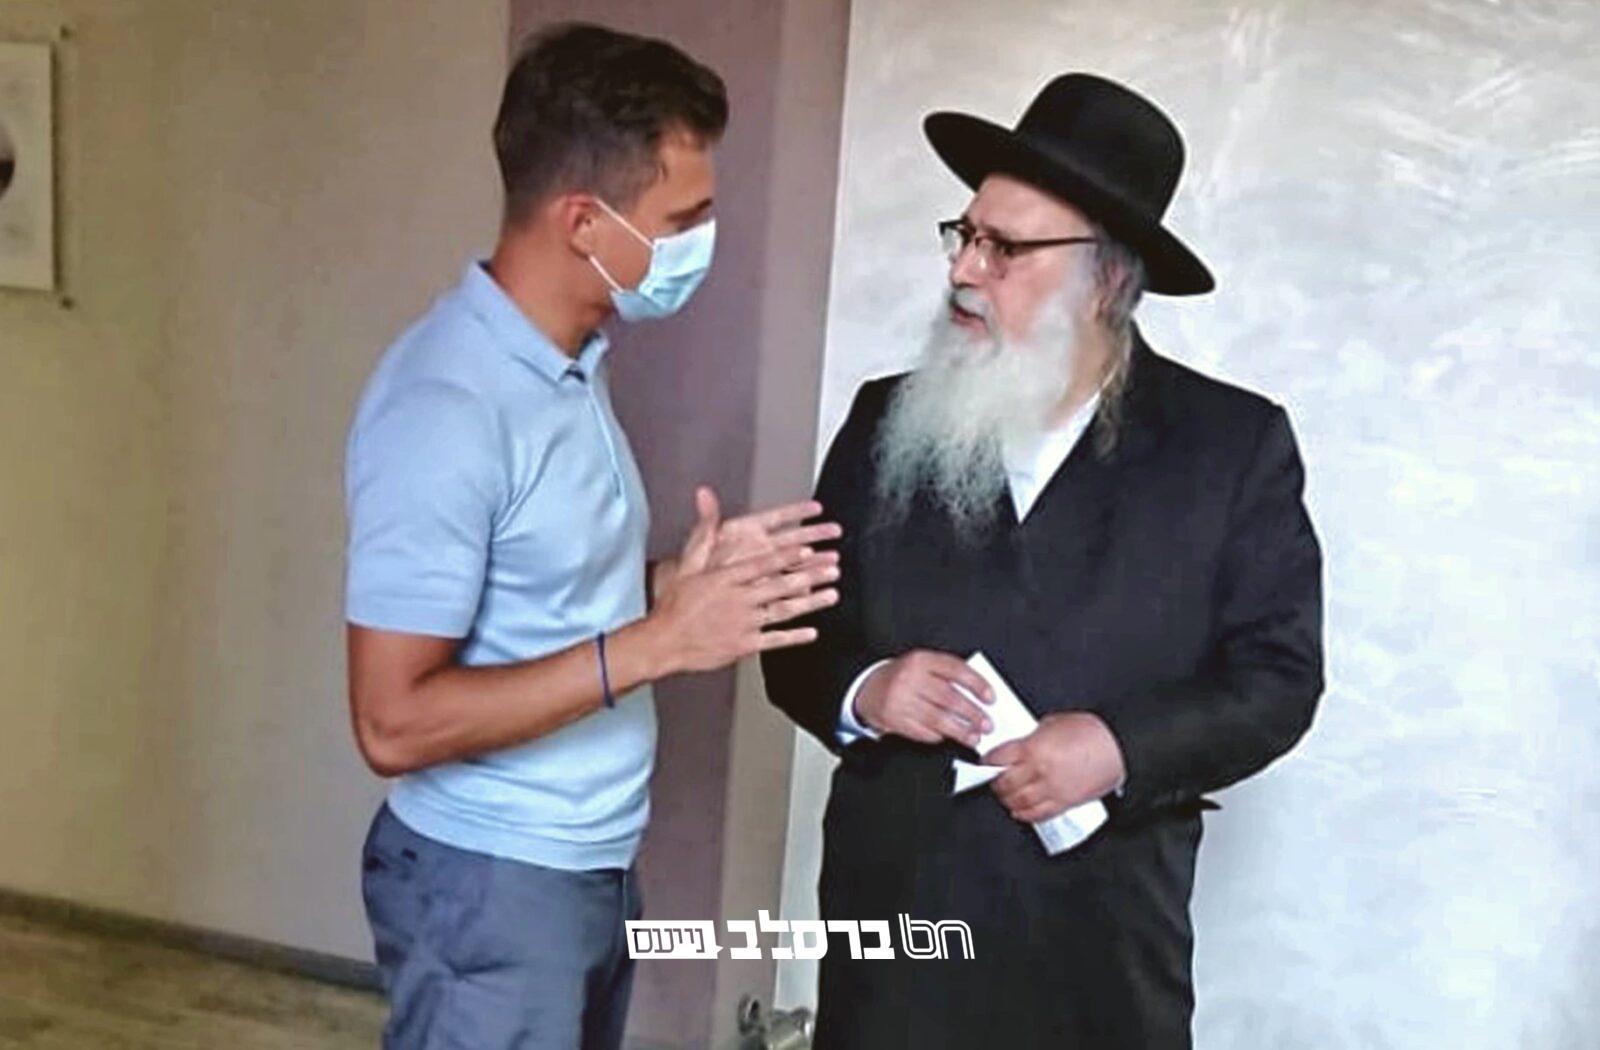 סיום משבר האפליקציה? • פגישה של הרב בן־נון עם הגברנטור וחבר הפרלמנט יצנקו